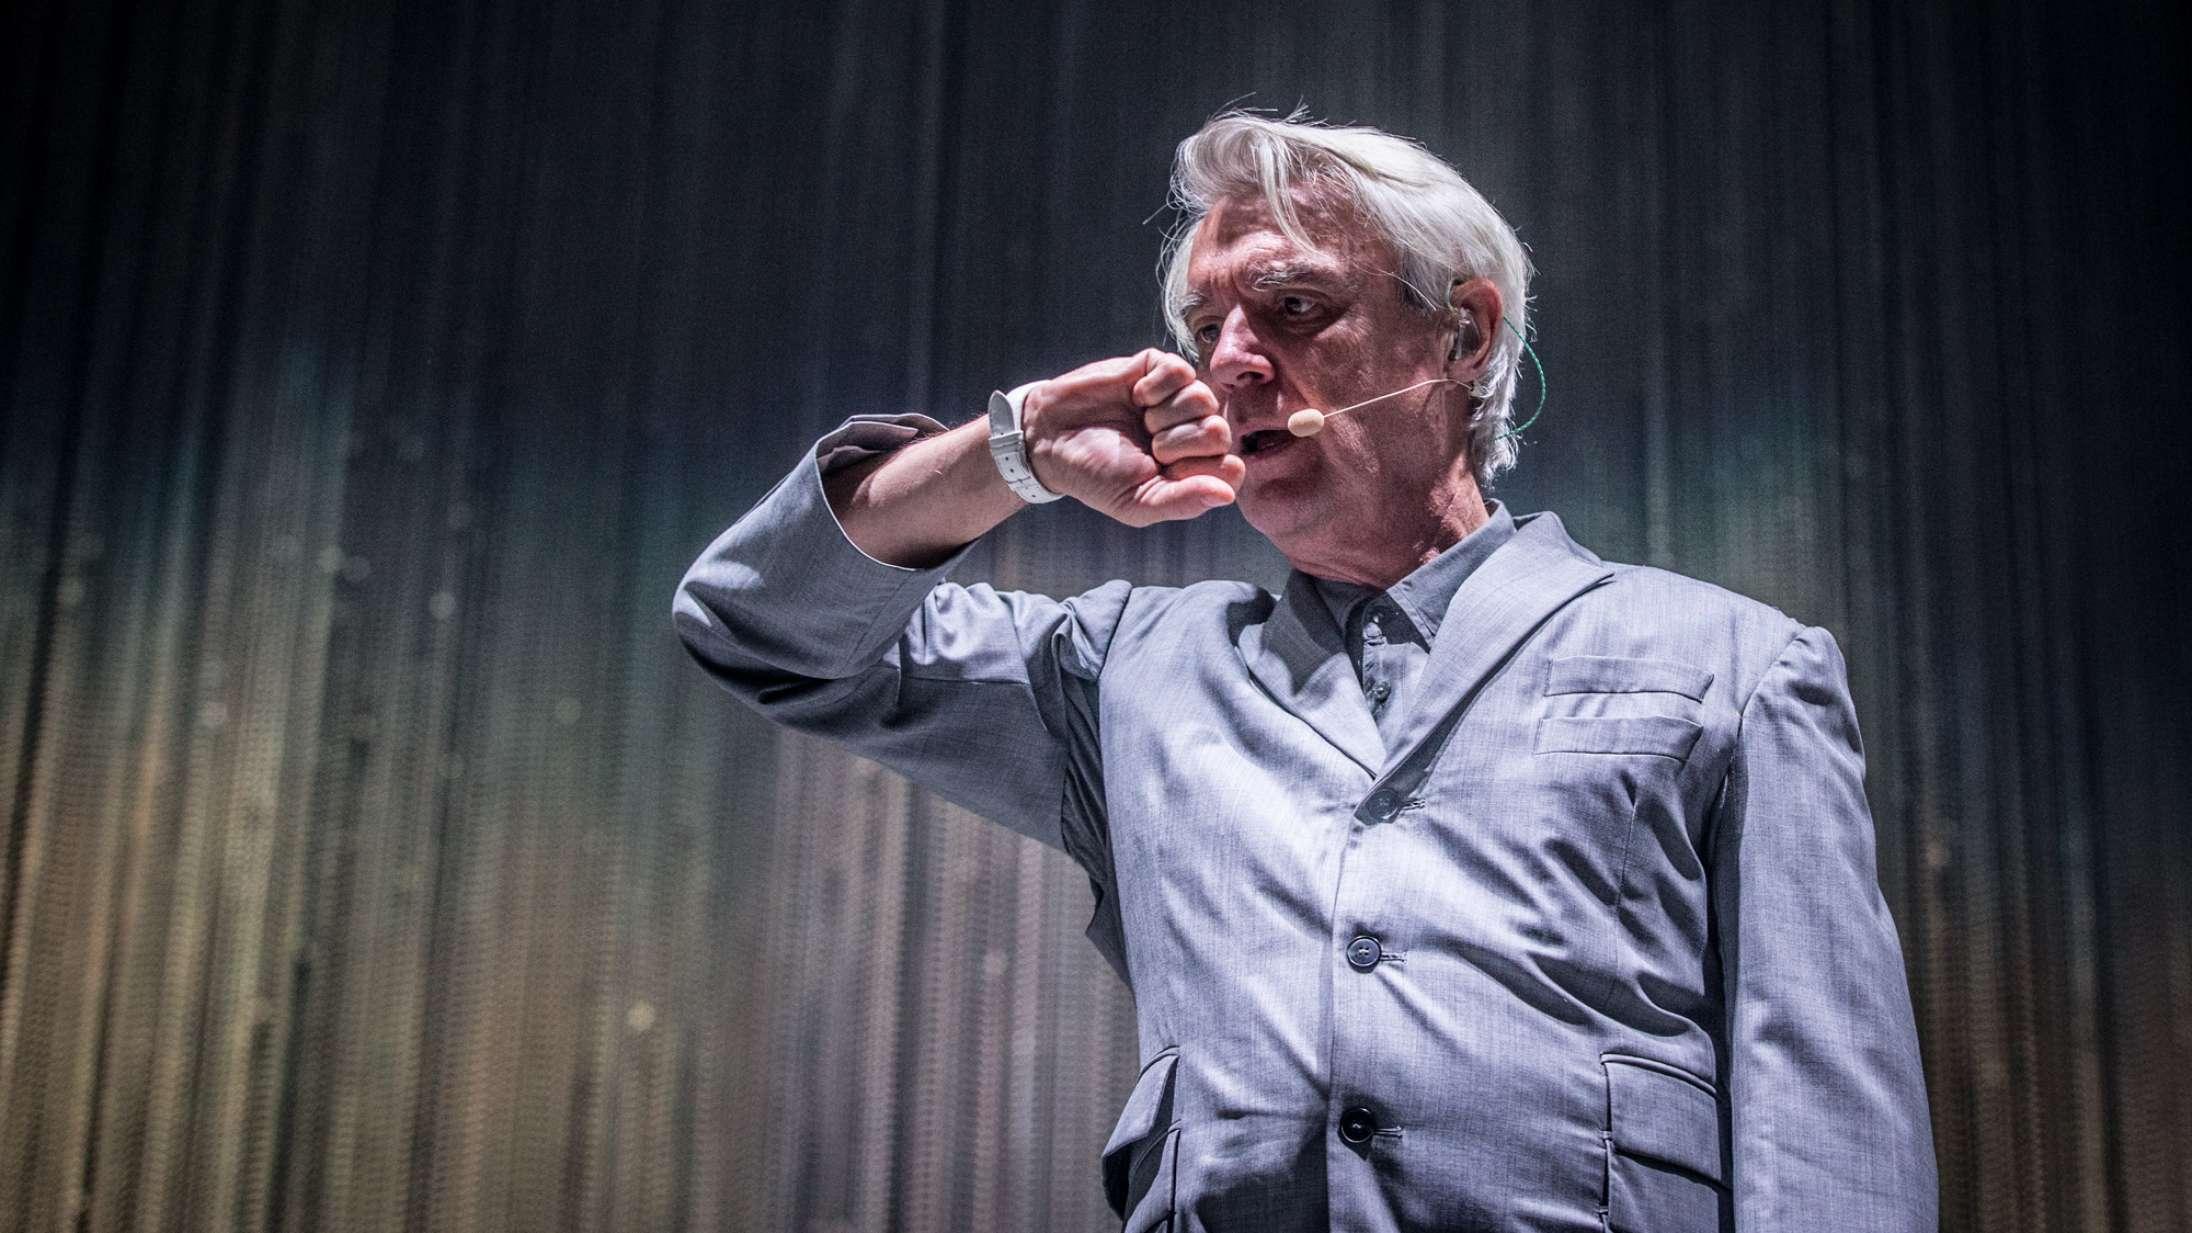 David Byrne udfordrede med succes koncertformatet på Roskilde Festival